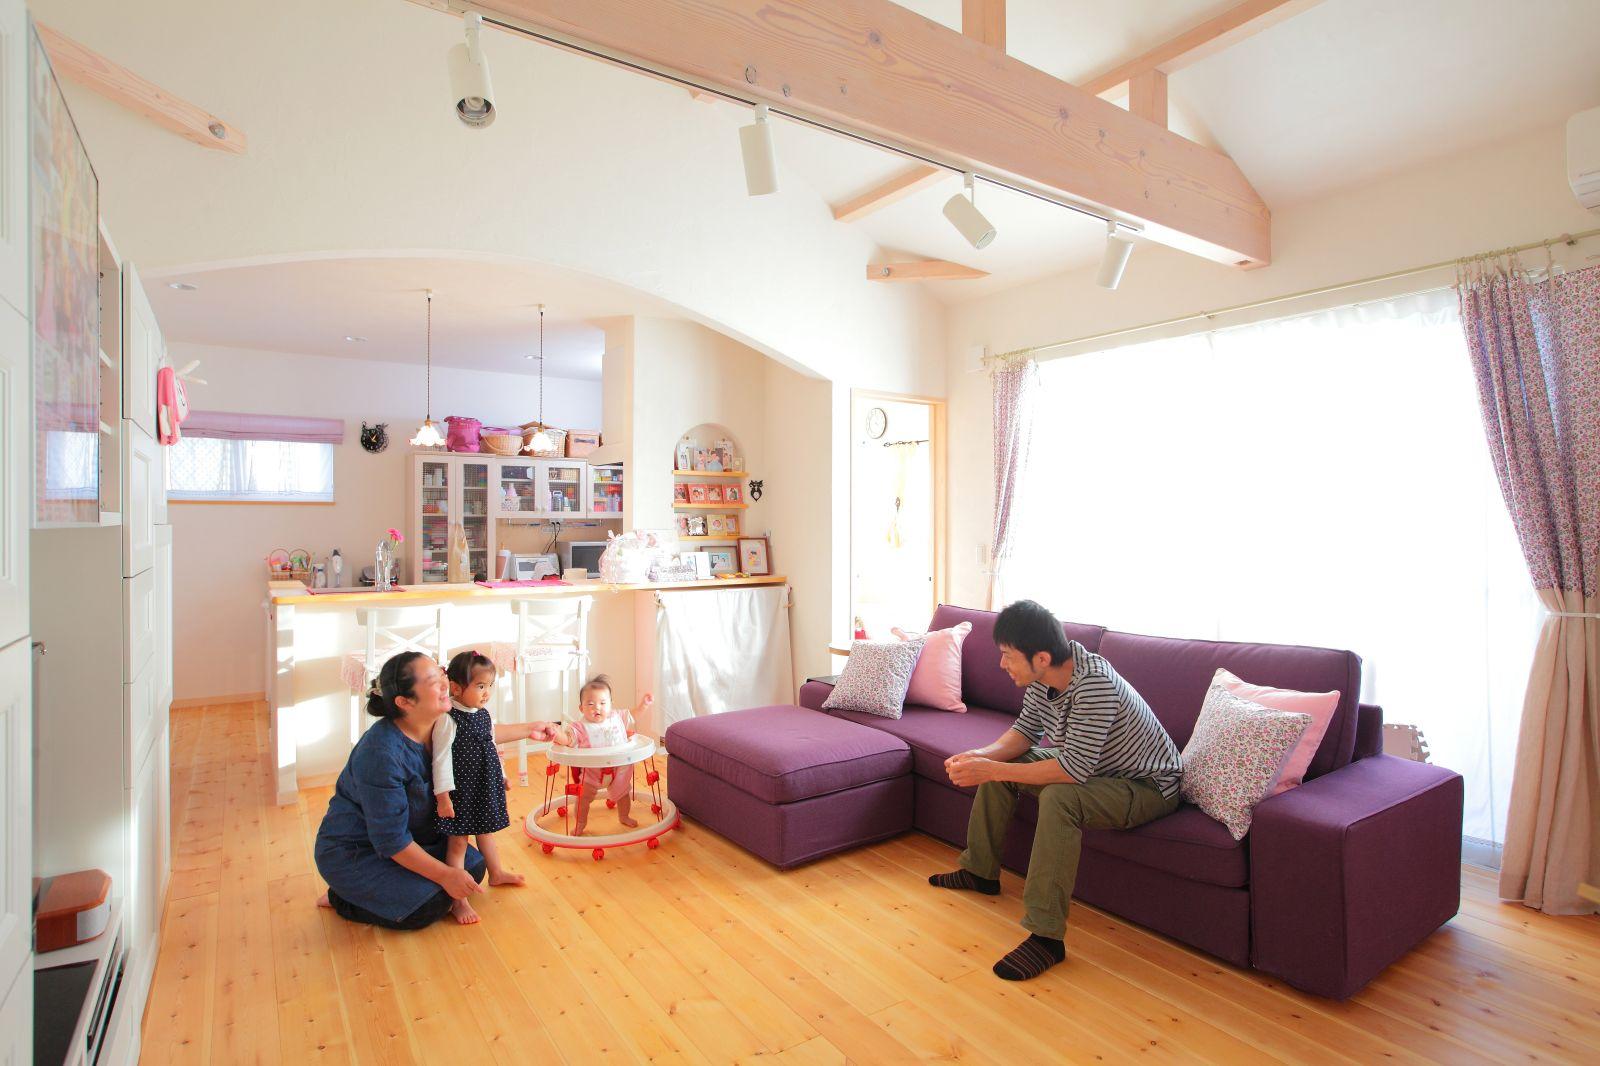 夫婦の夢を叶えた、かわいくてコンパクトな平屋の家